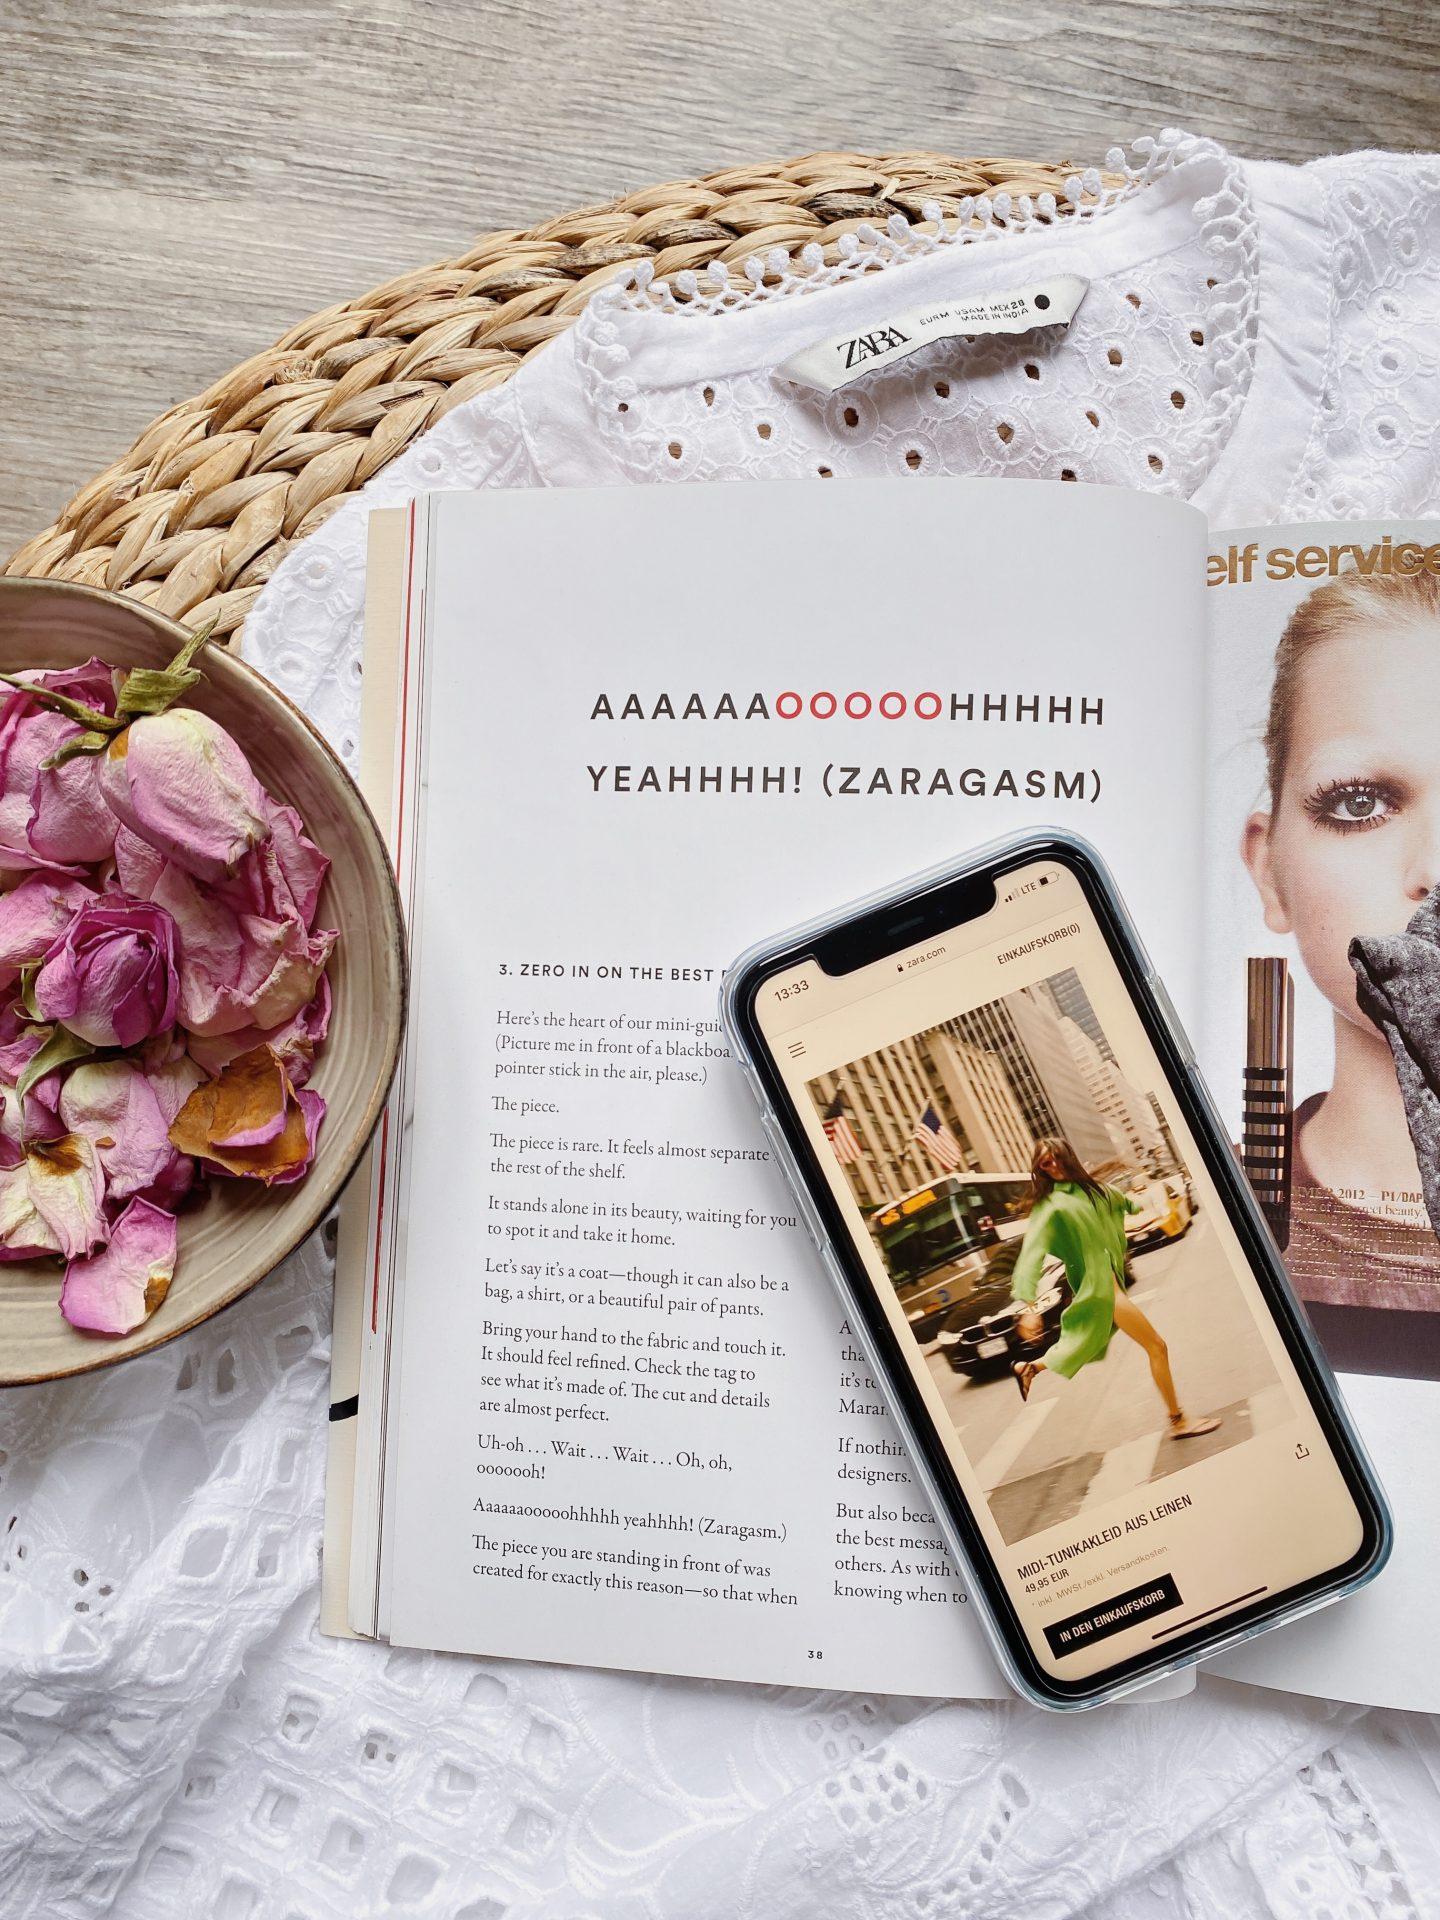 Probleme mit Rücksendung bei Zara-was tun